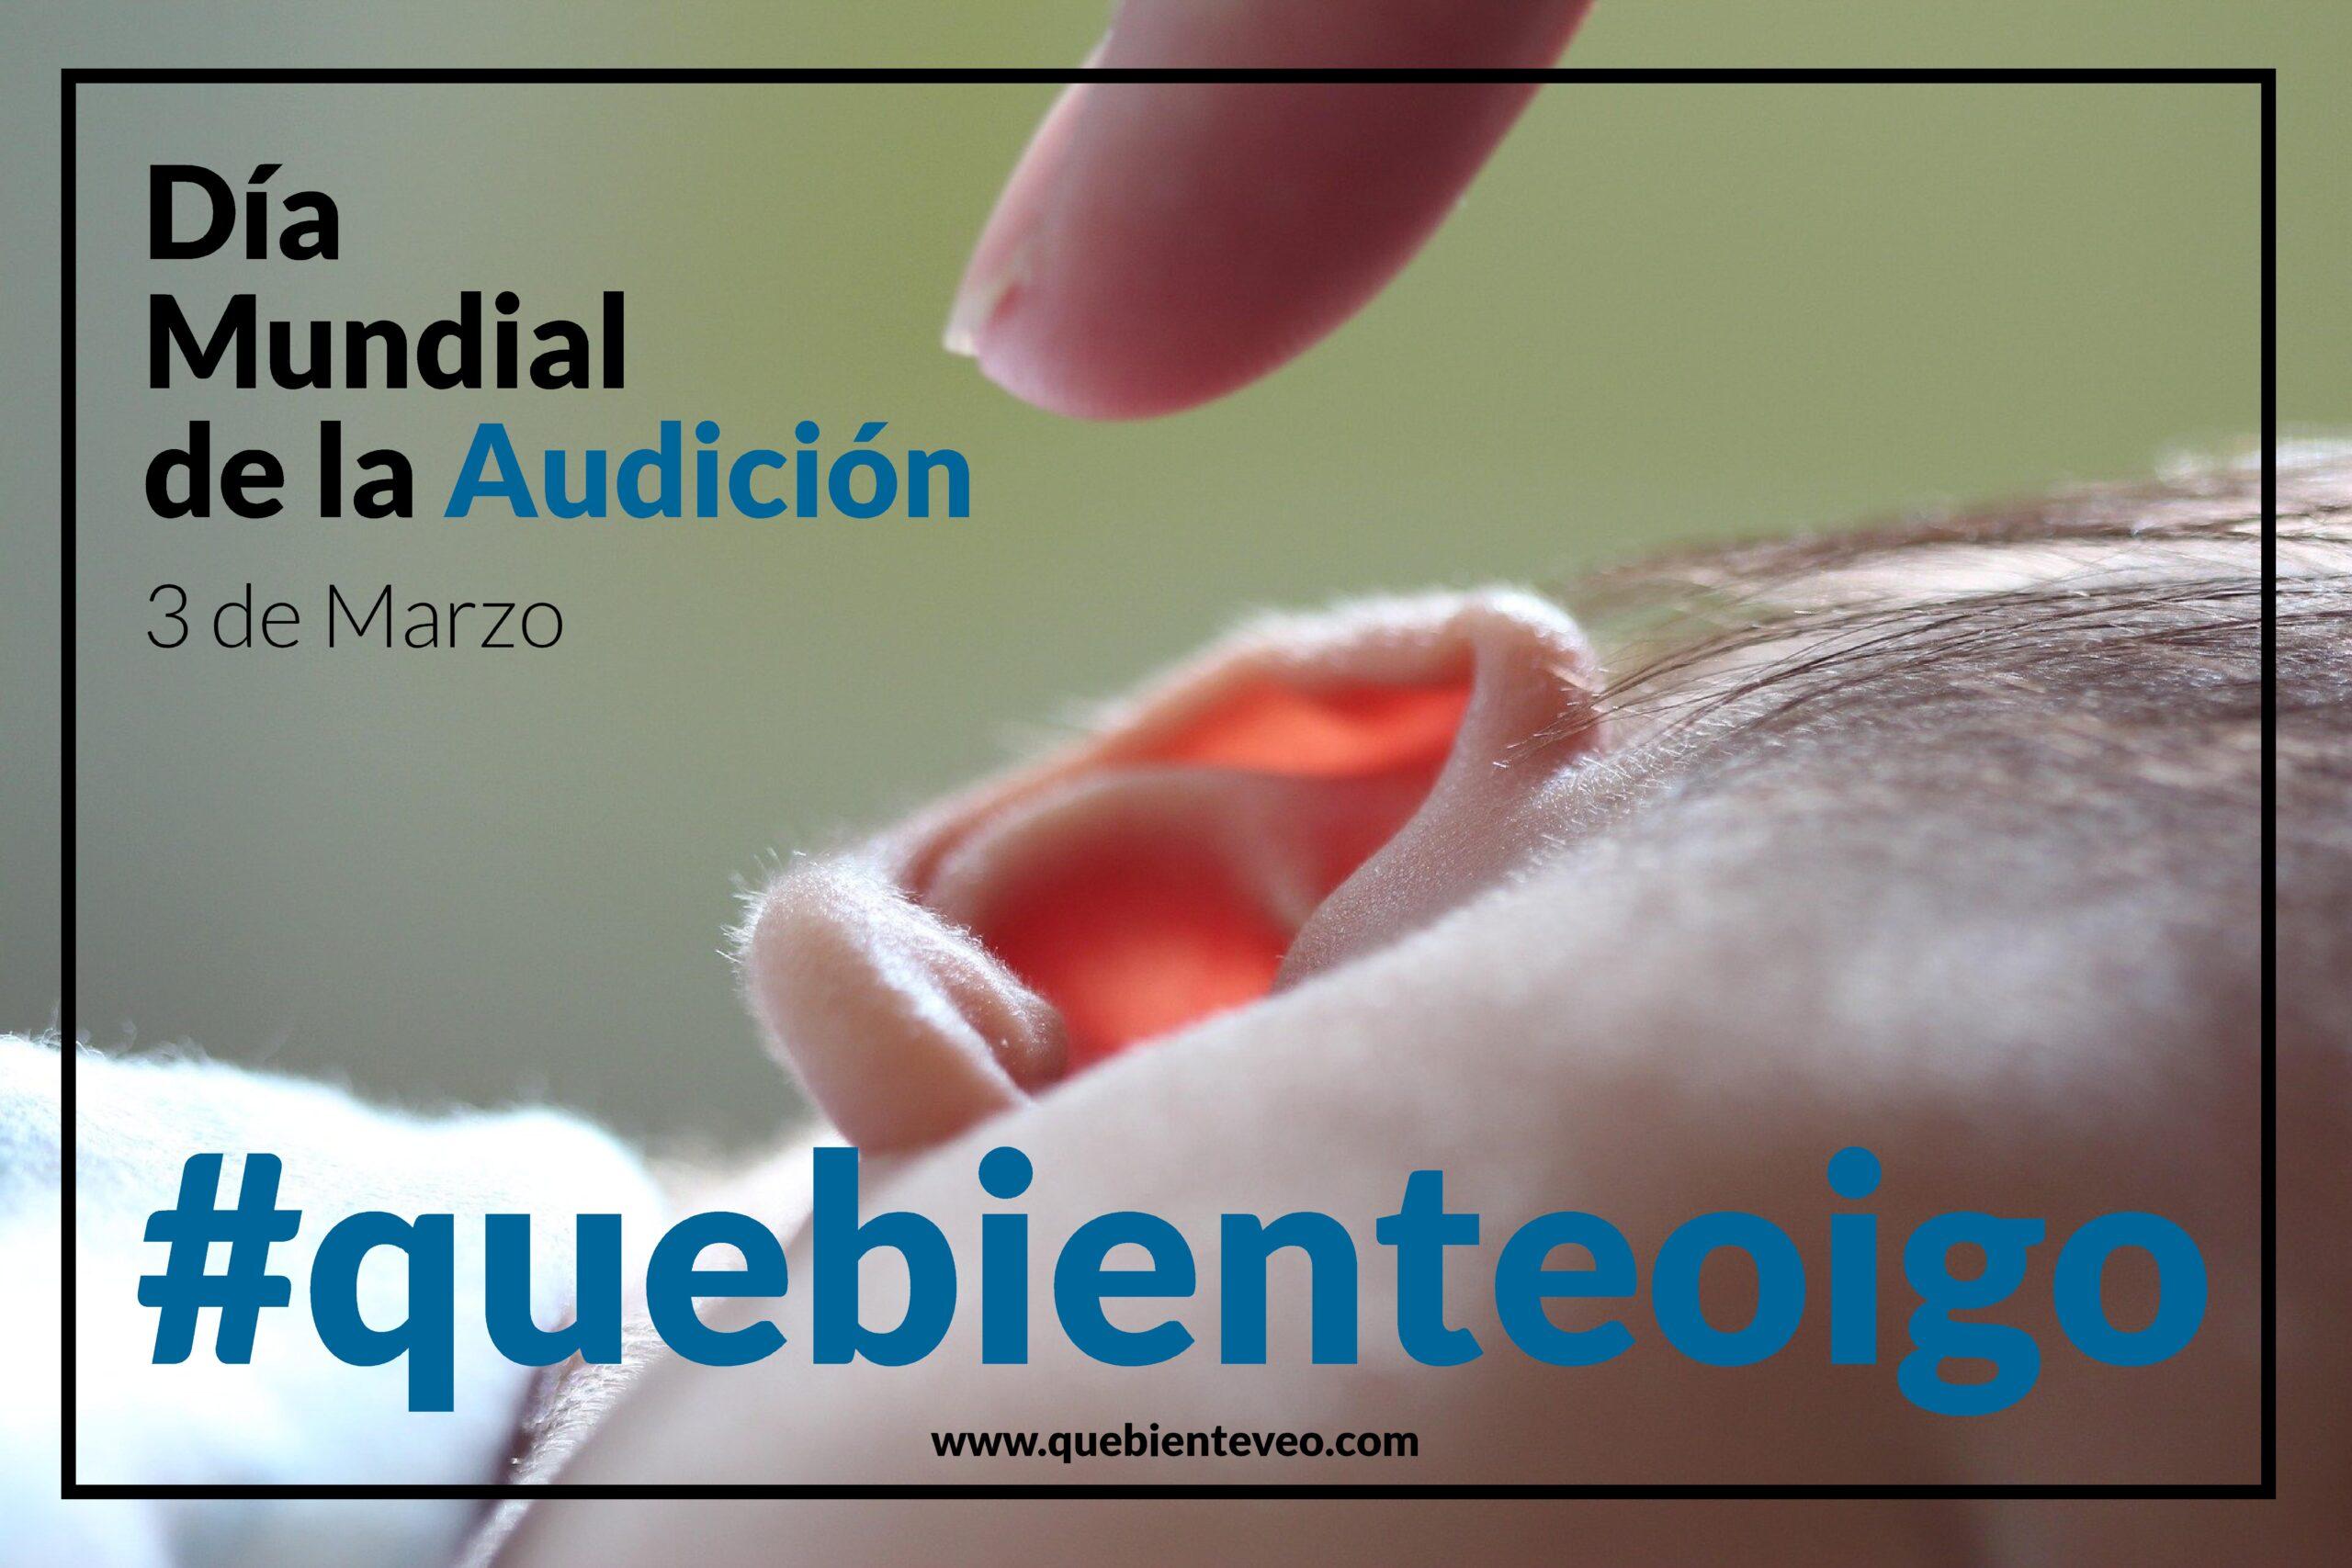 Día Mundial de la Audición, 3 de Marzo: #quebienteoigo.